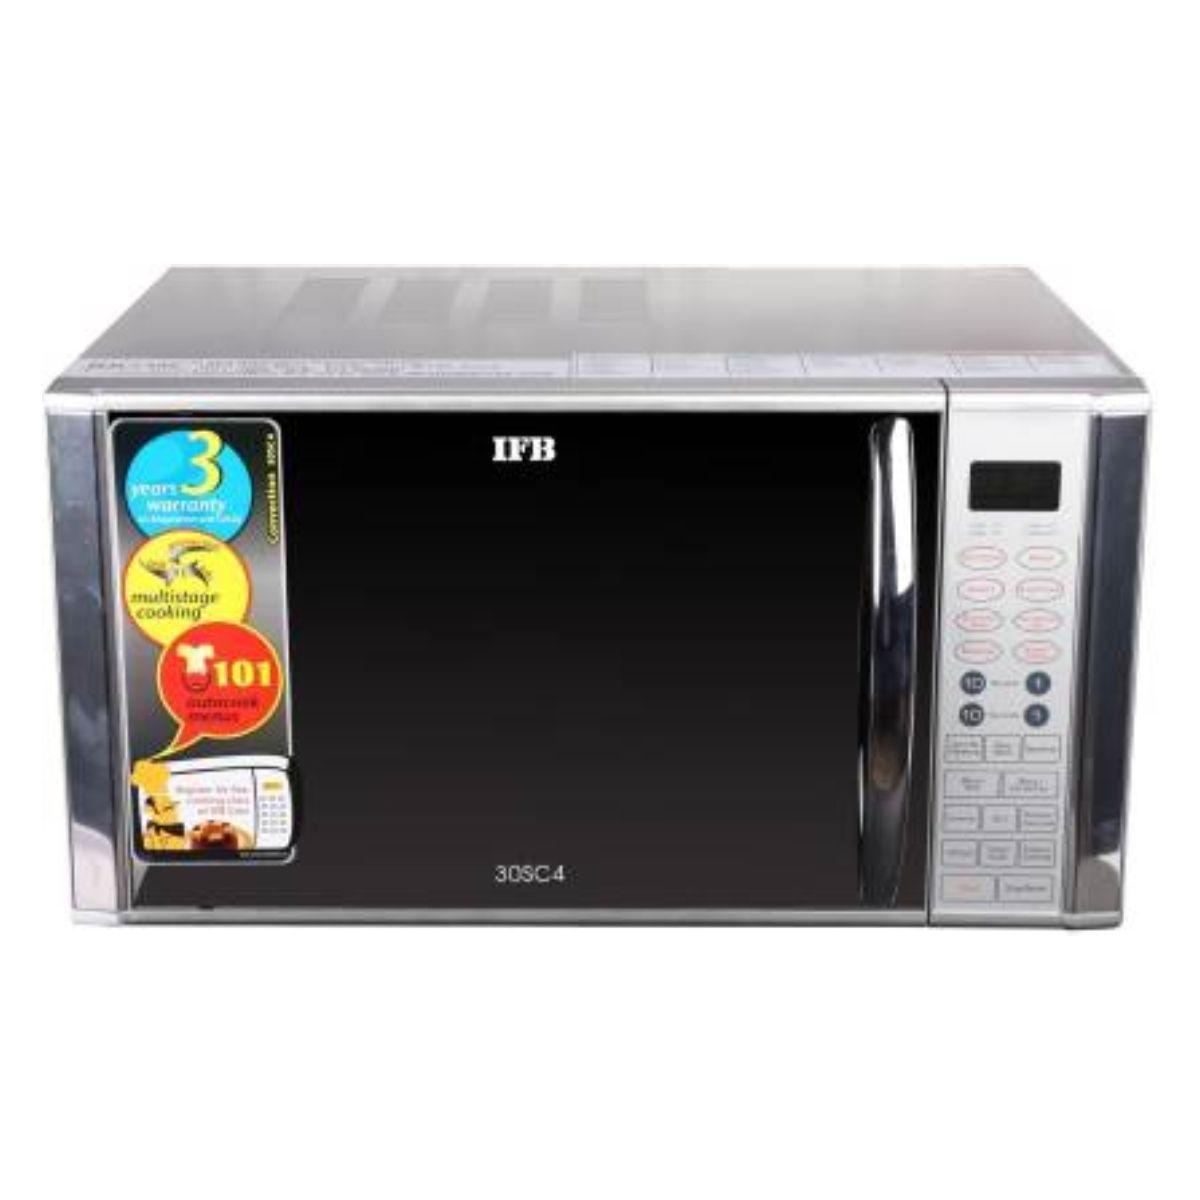 ഐഎഫ്ബി 30SC4 30 L Convection Microwave Oven